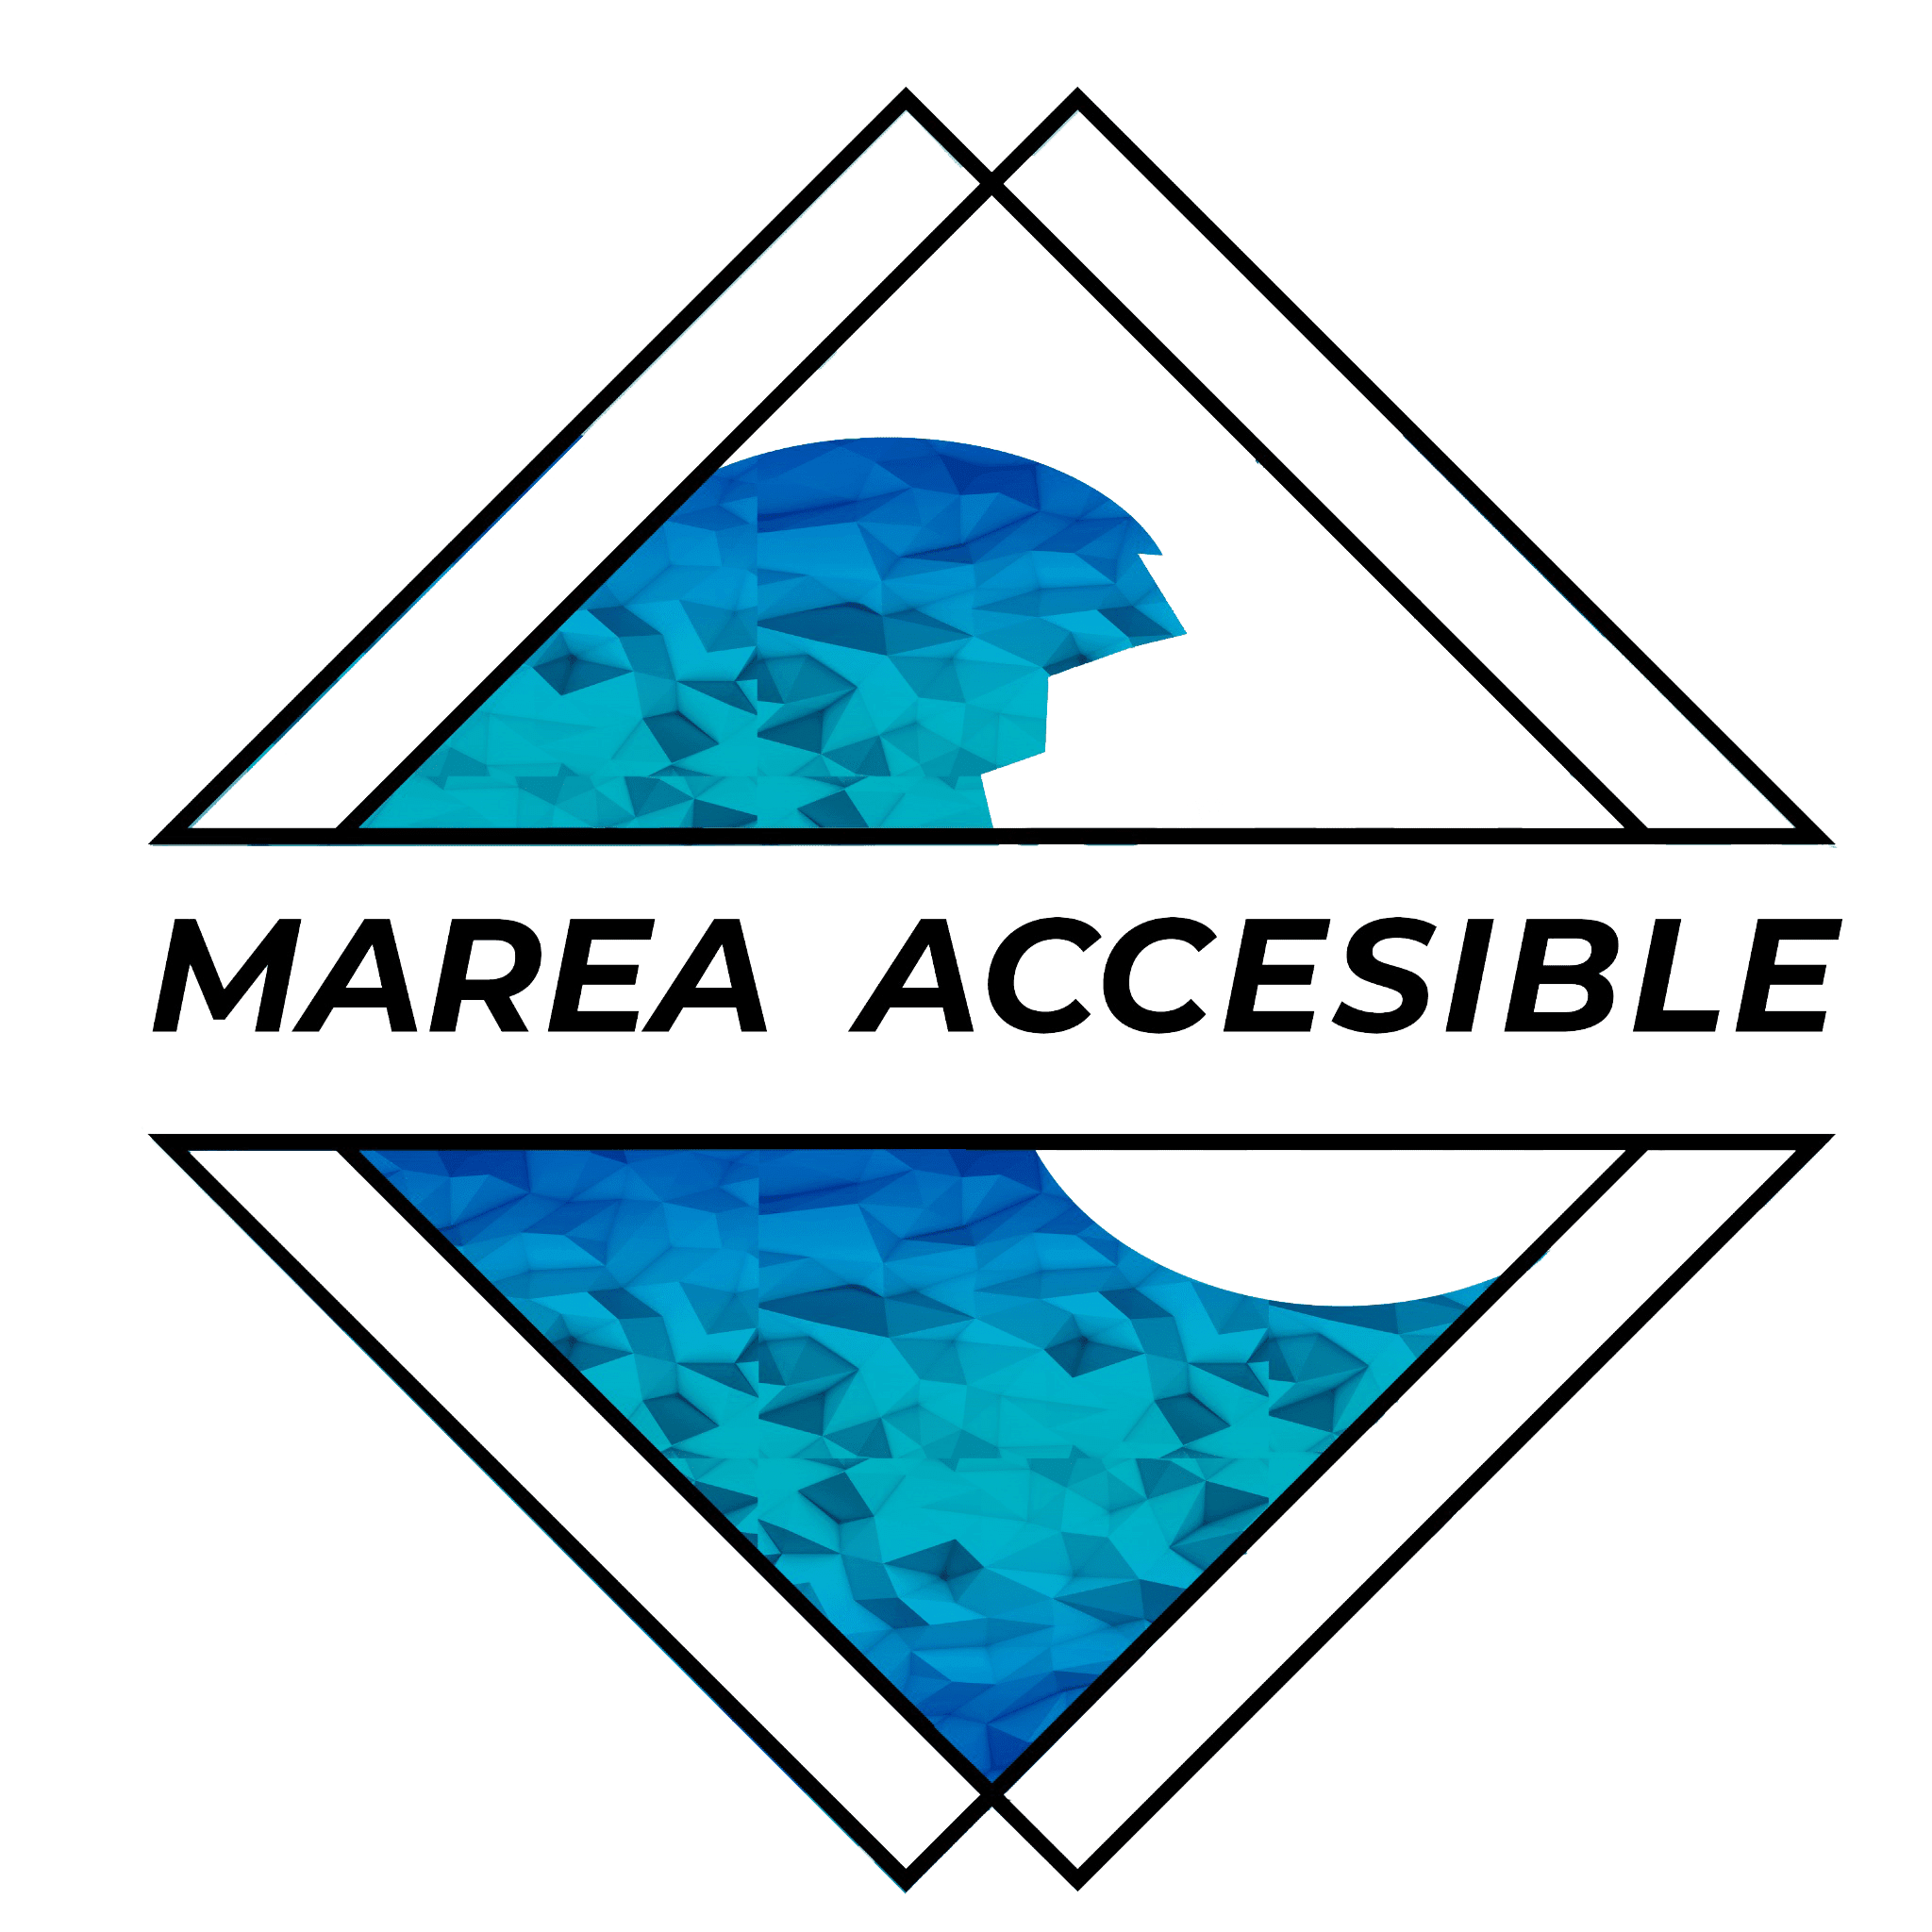 Marea Accesible